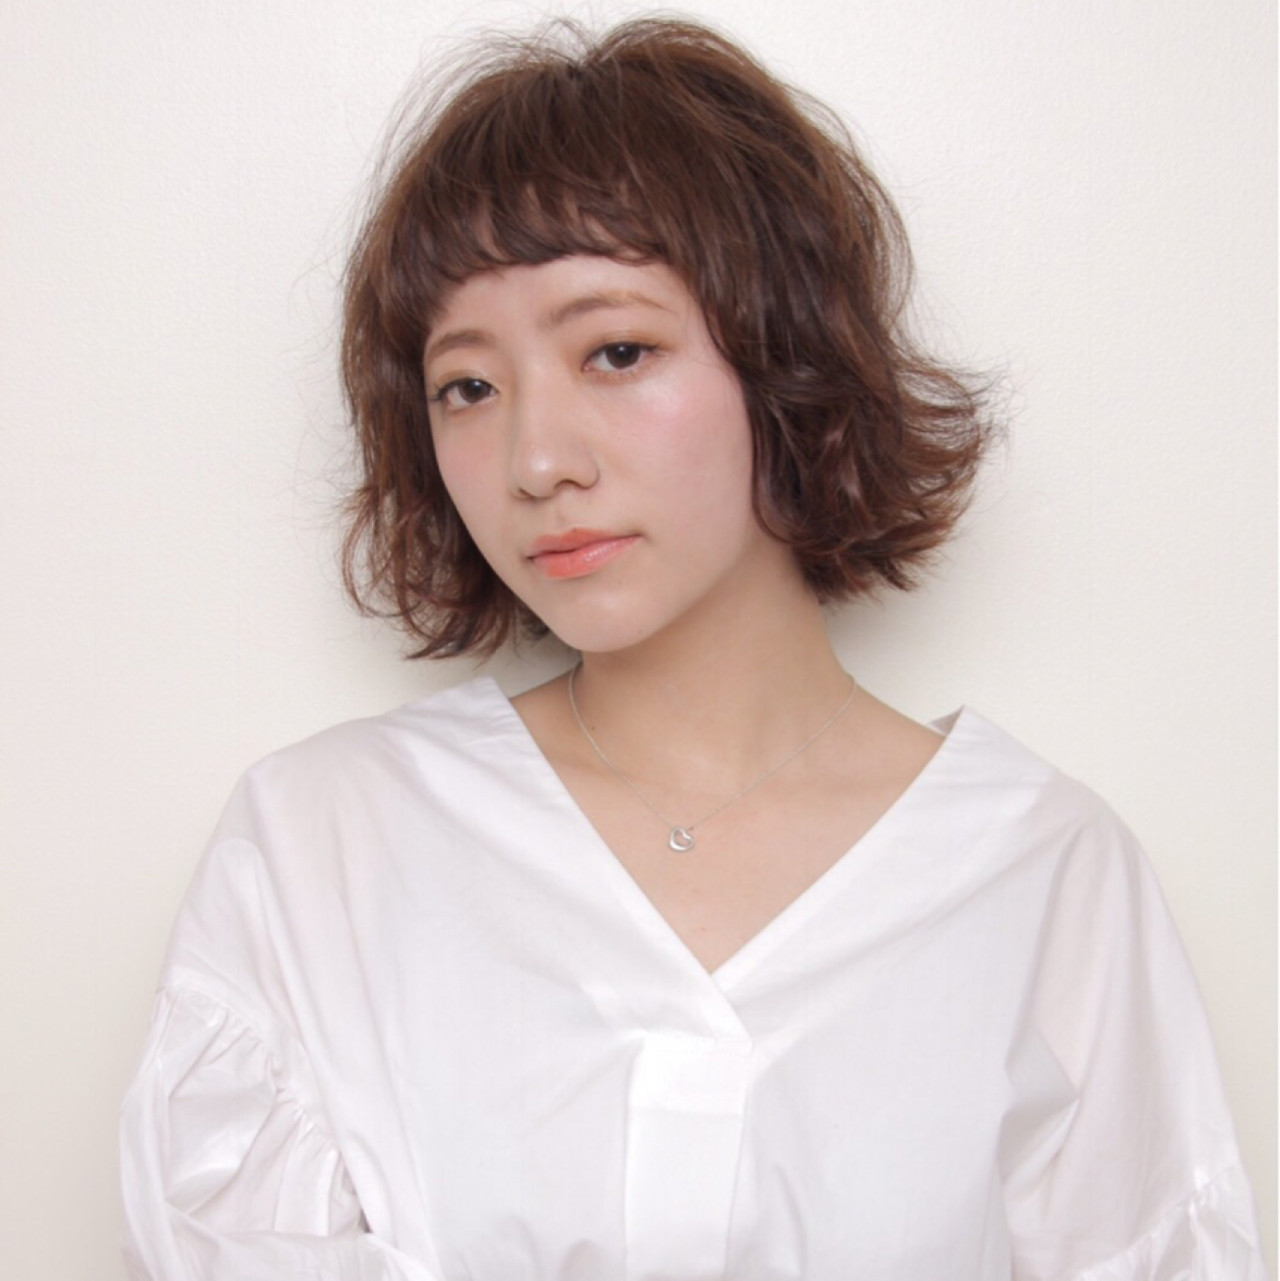 ナチュラル オン眉 ショートボブ ワイドバング ヘアスタイルや髪型の写真・画像 | HIKARI /